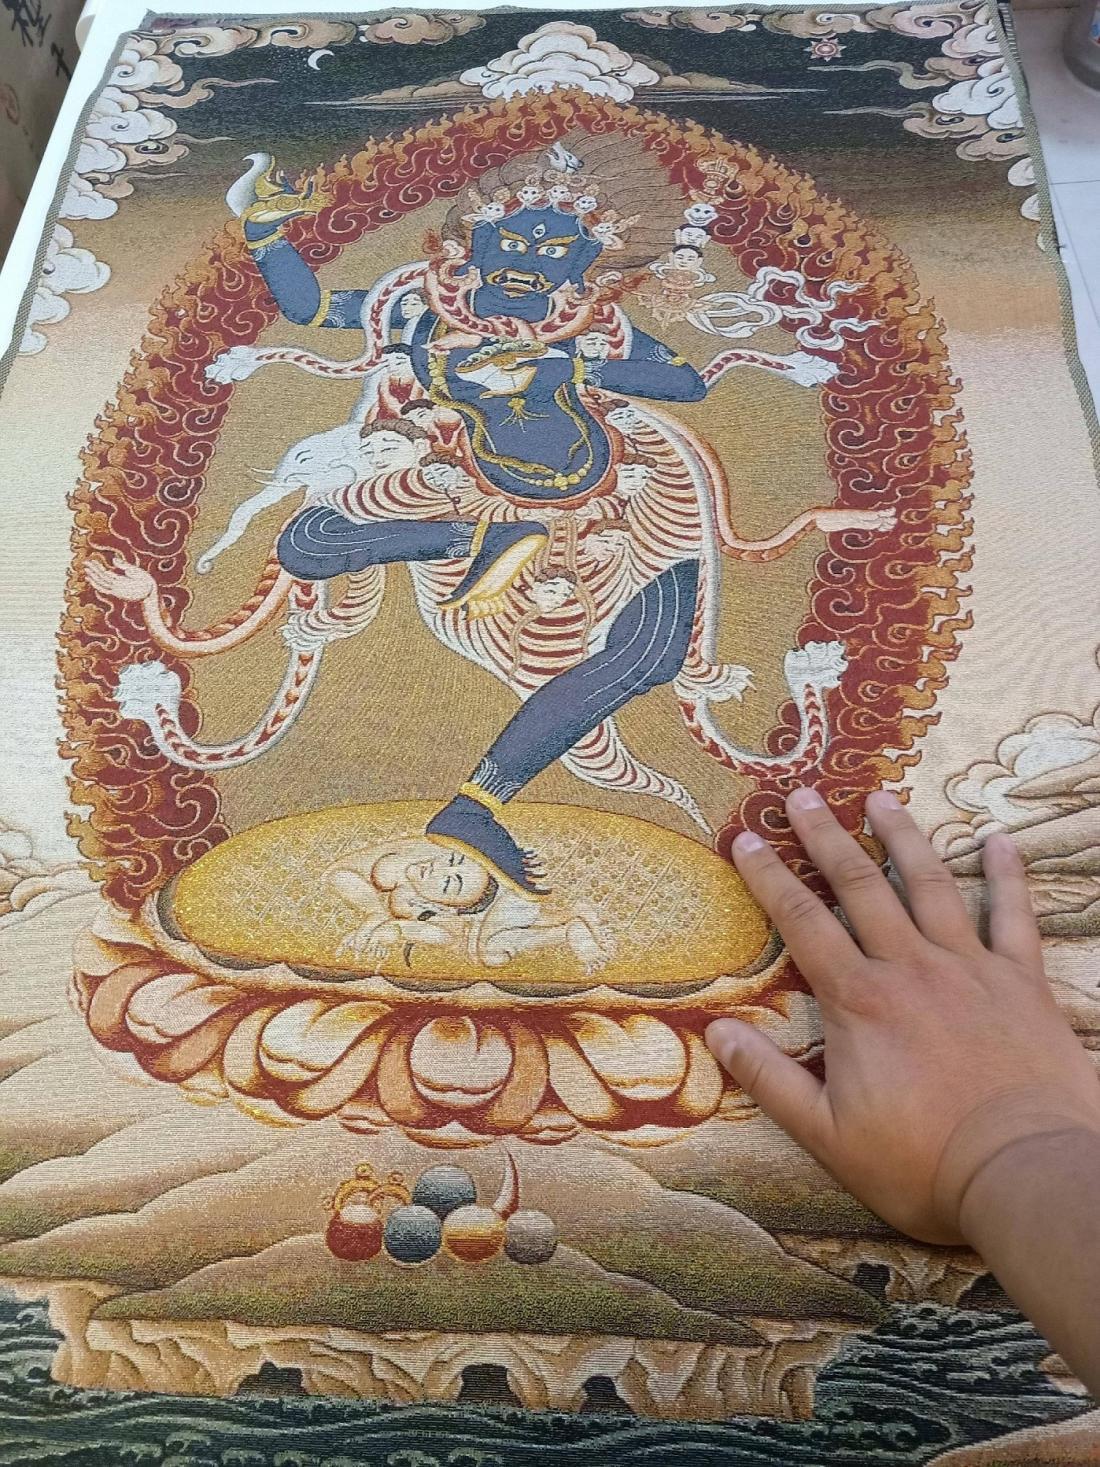 开光尼泊尔回流刺绣重金/翡黄红金/双臂嘎嘛哈 巨幅90*60厘米